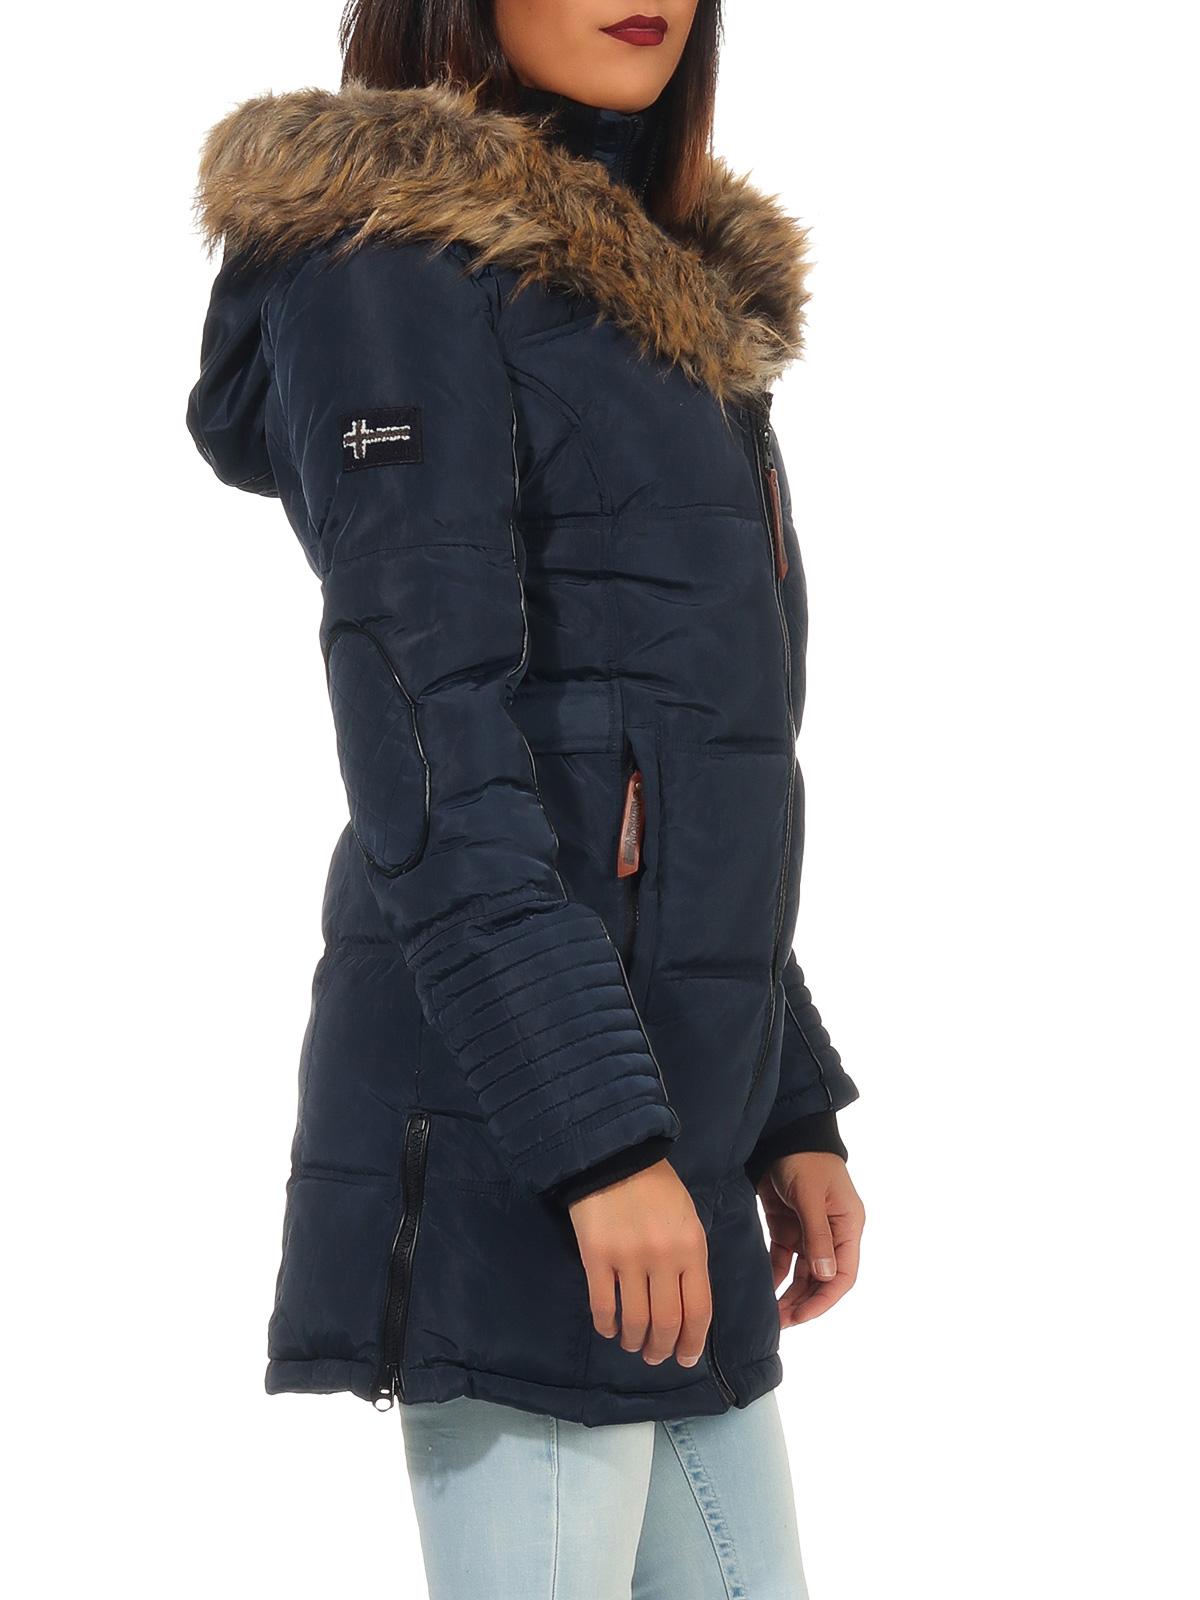 Geographical Norway Damen Winter Jacke gefüttert warme ...